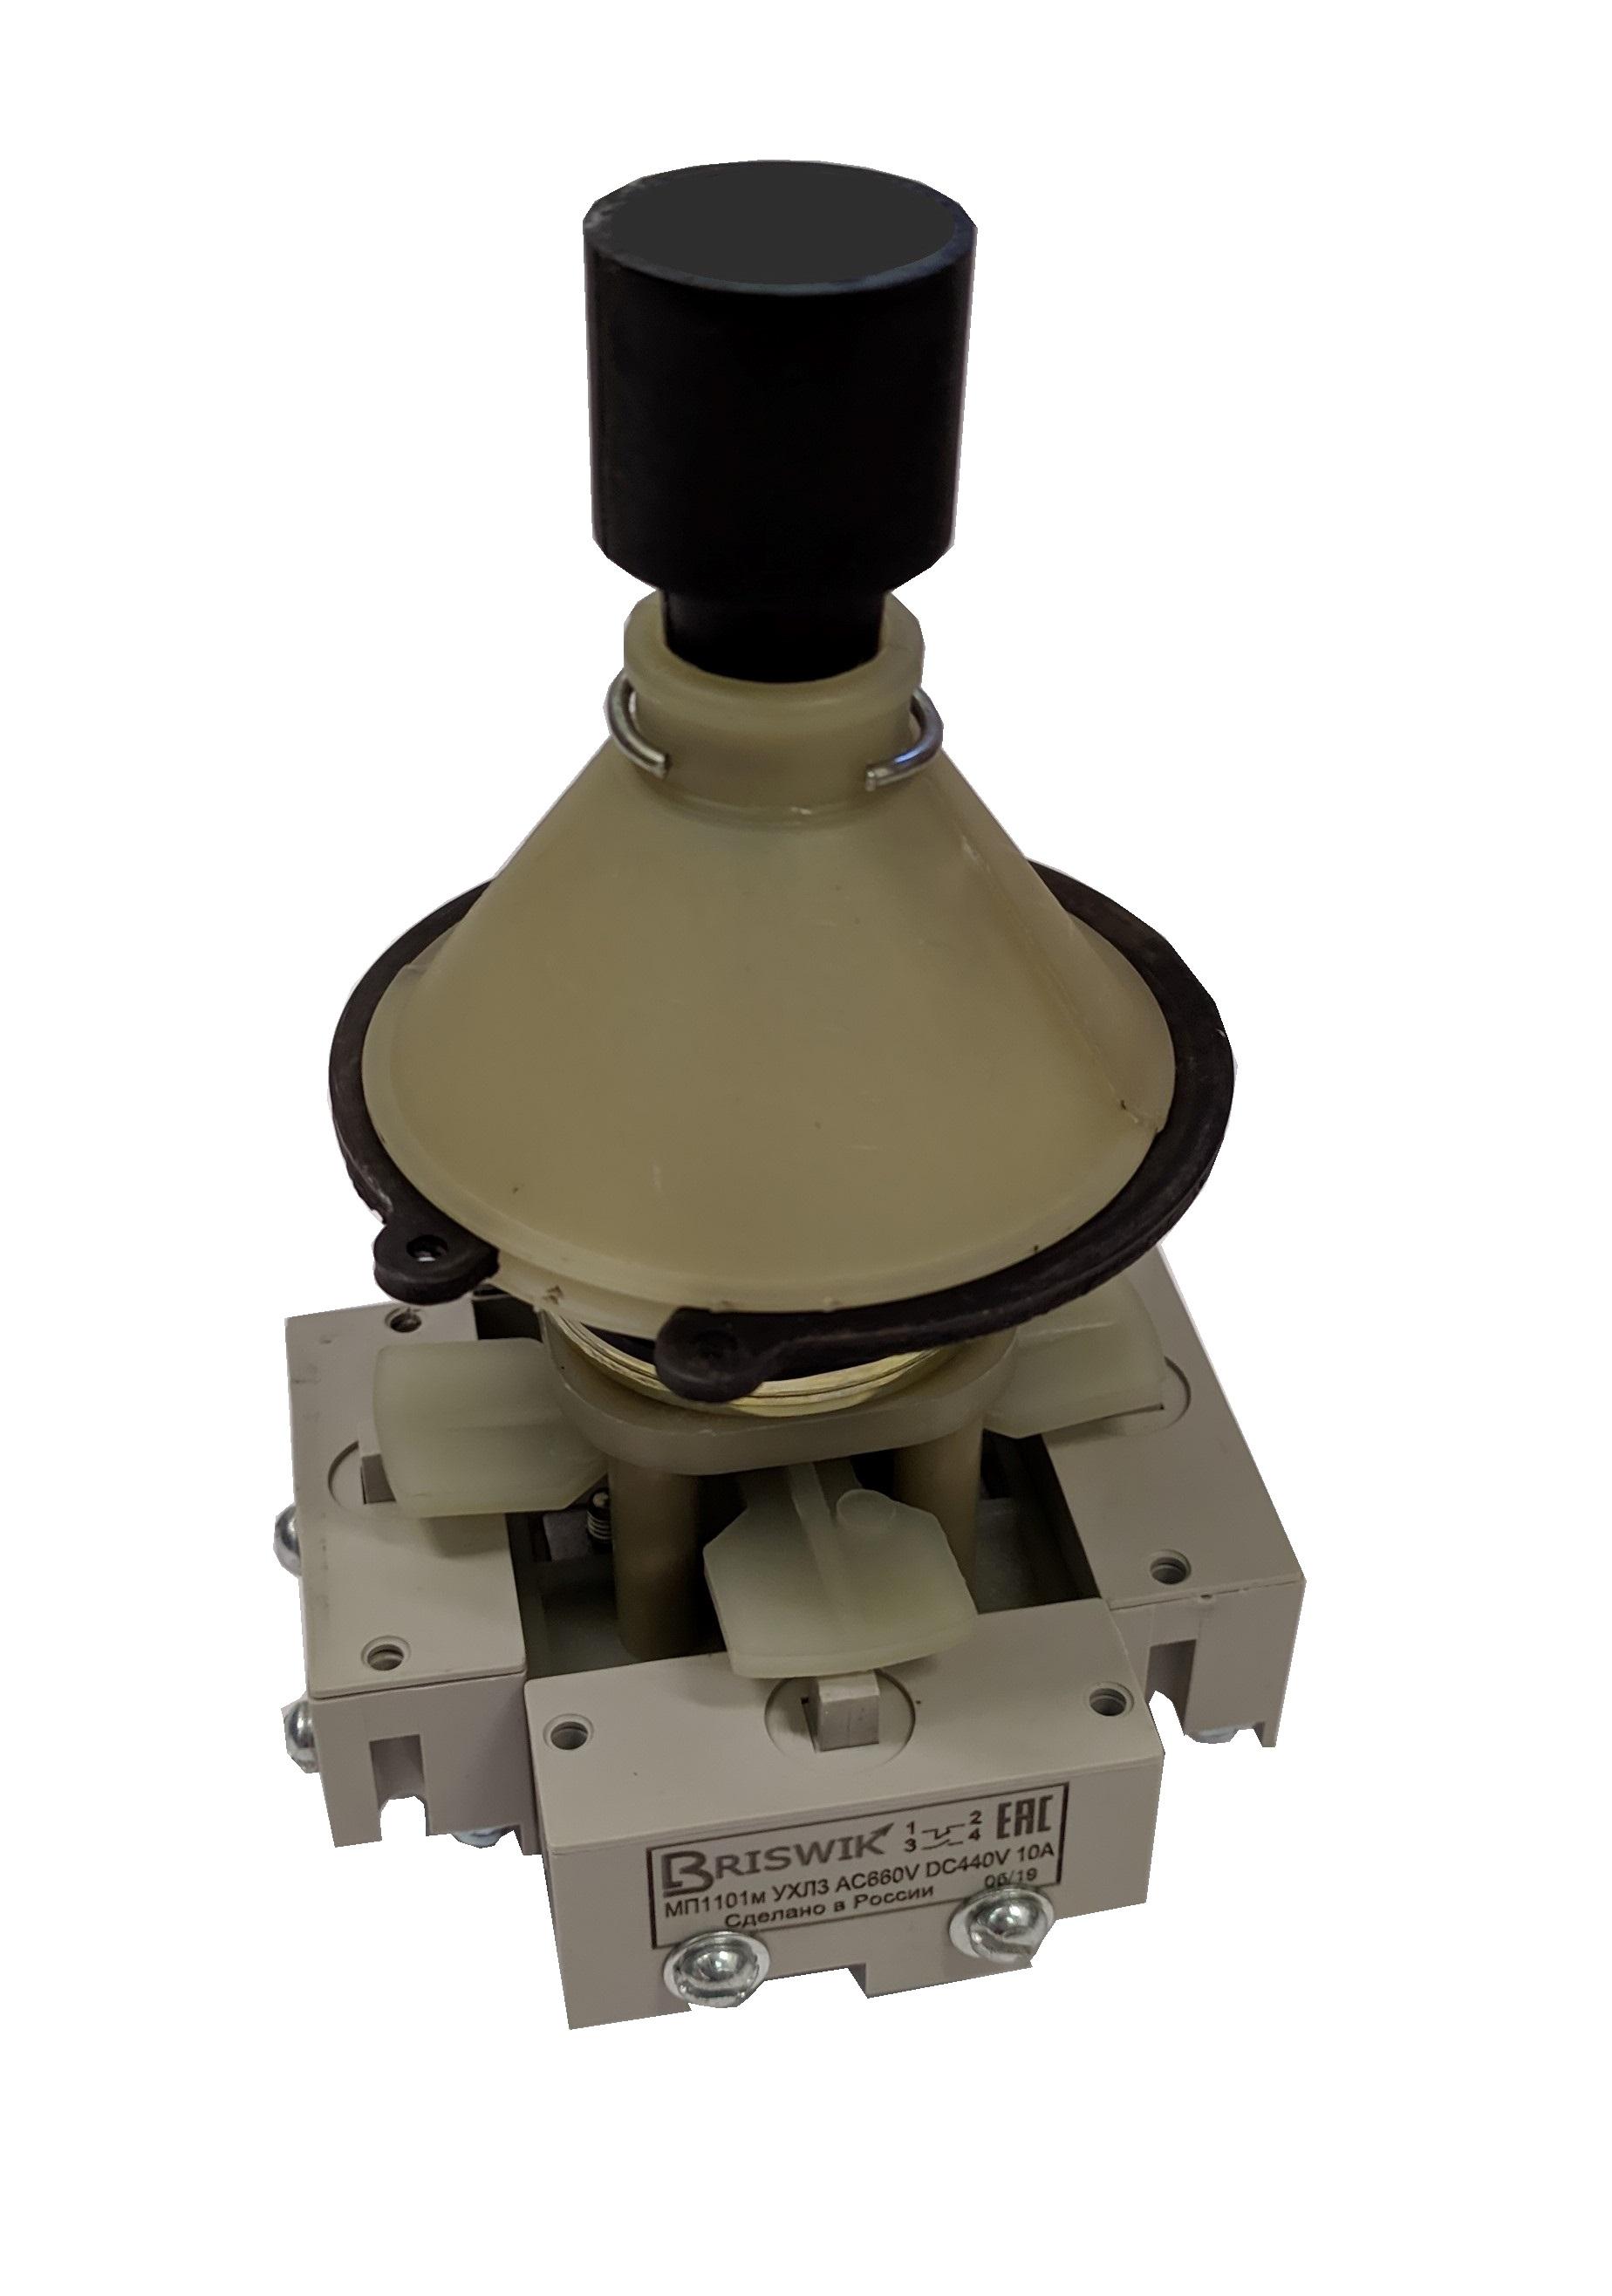 ПК12-21-801(802)Д